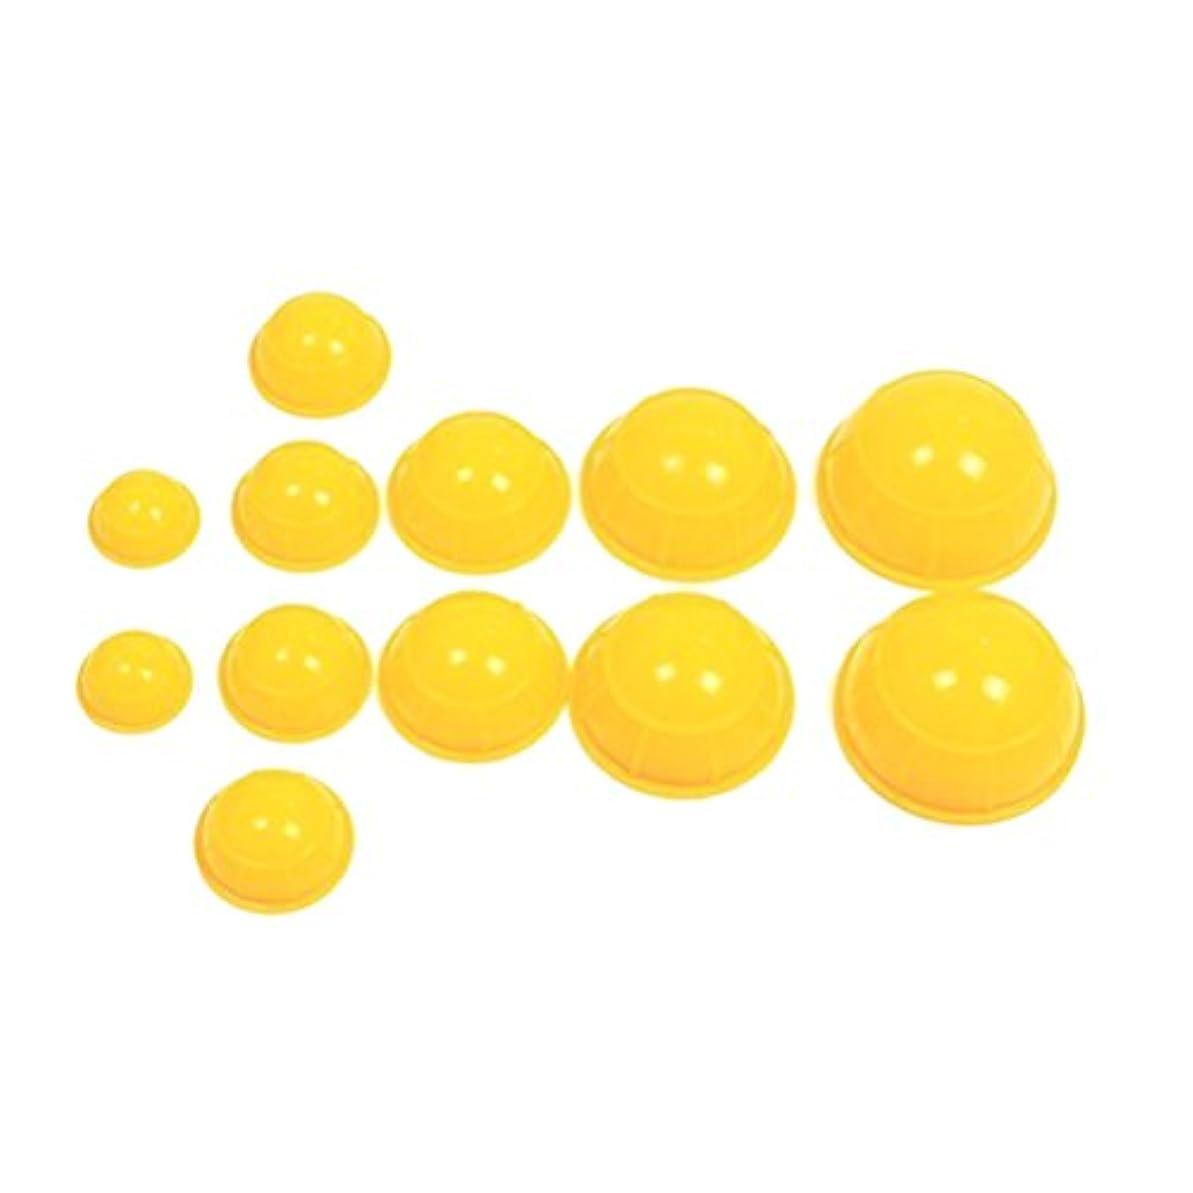 気怠い石の保護ROSENICE シリコーンマッサージカッピングカップセットボディフェイシャルセラピーカッピングカップ12個(イエロー)